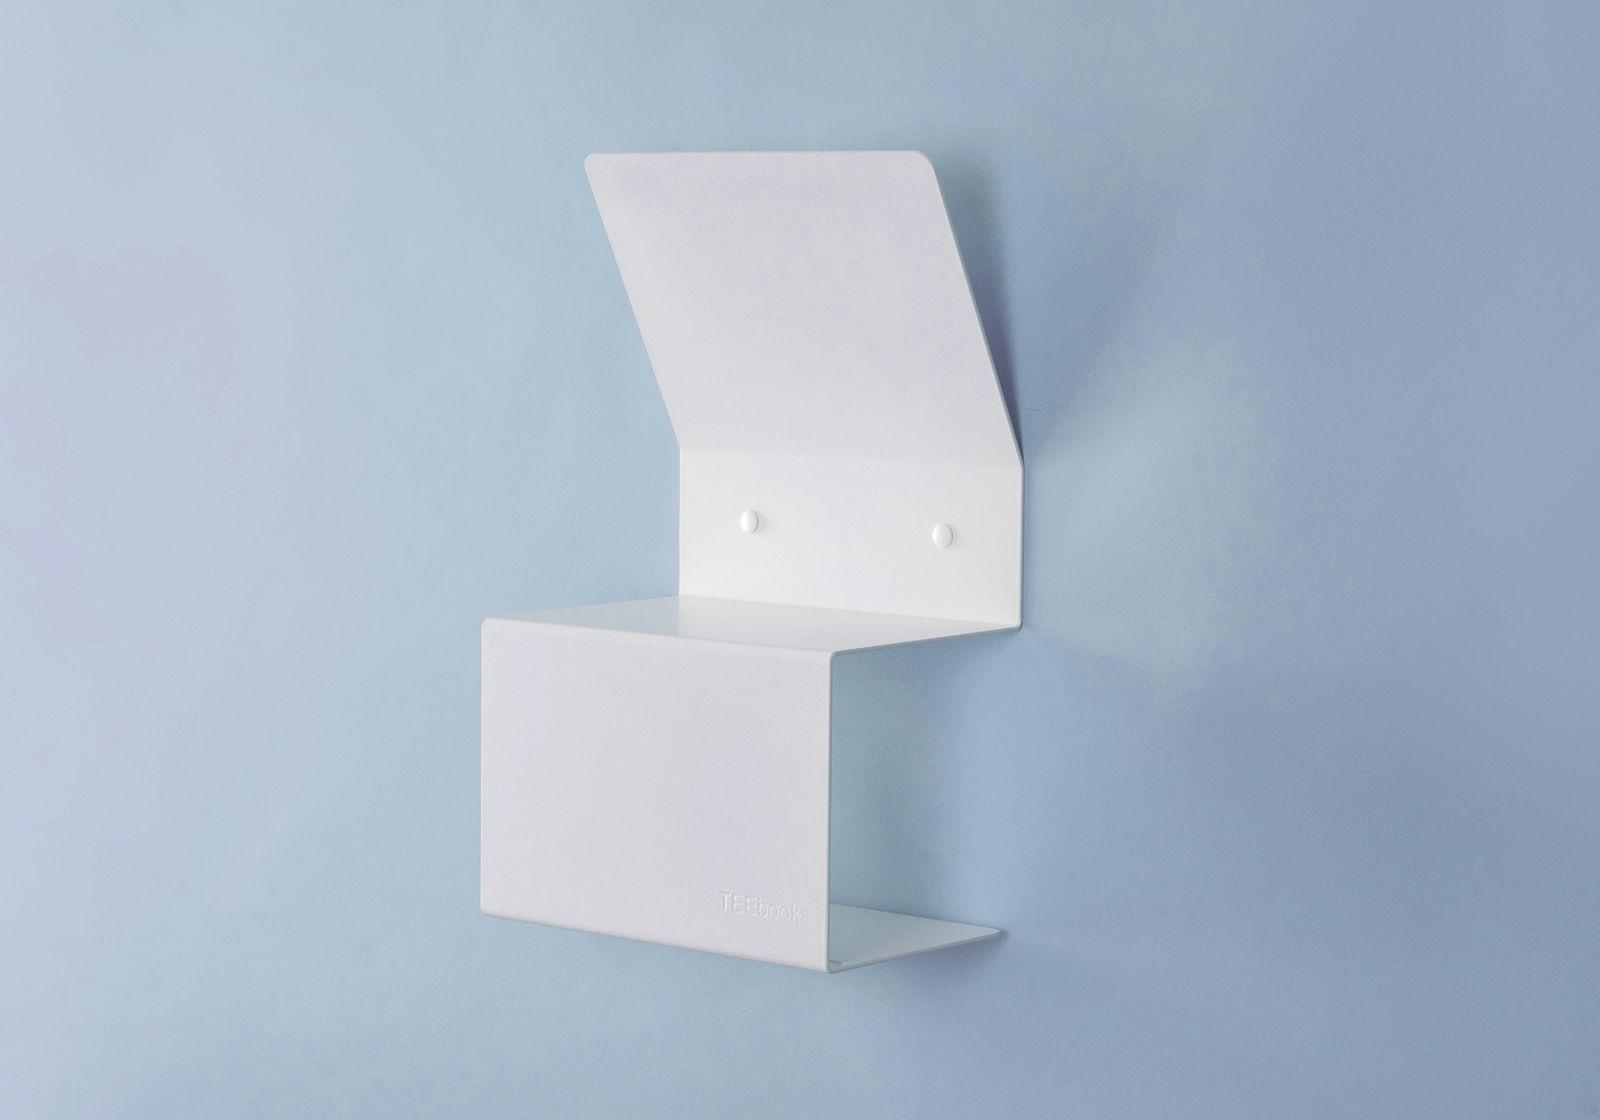 Porta carta igienica teelette acciao bianco 37 5x15x22cm - Dove mettere il porta carta igienica ...